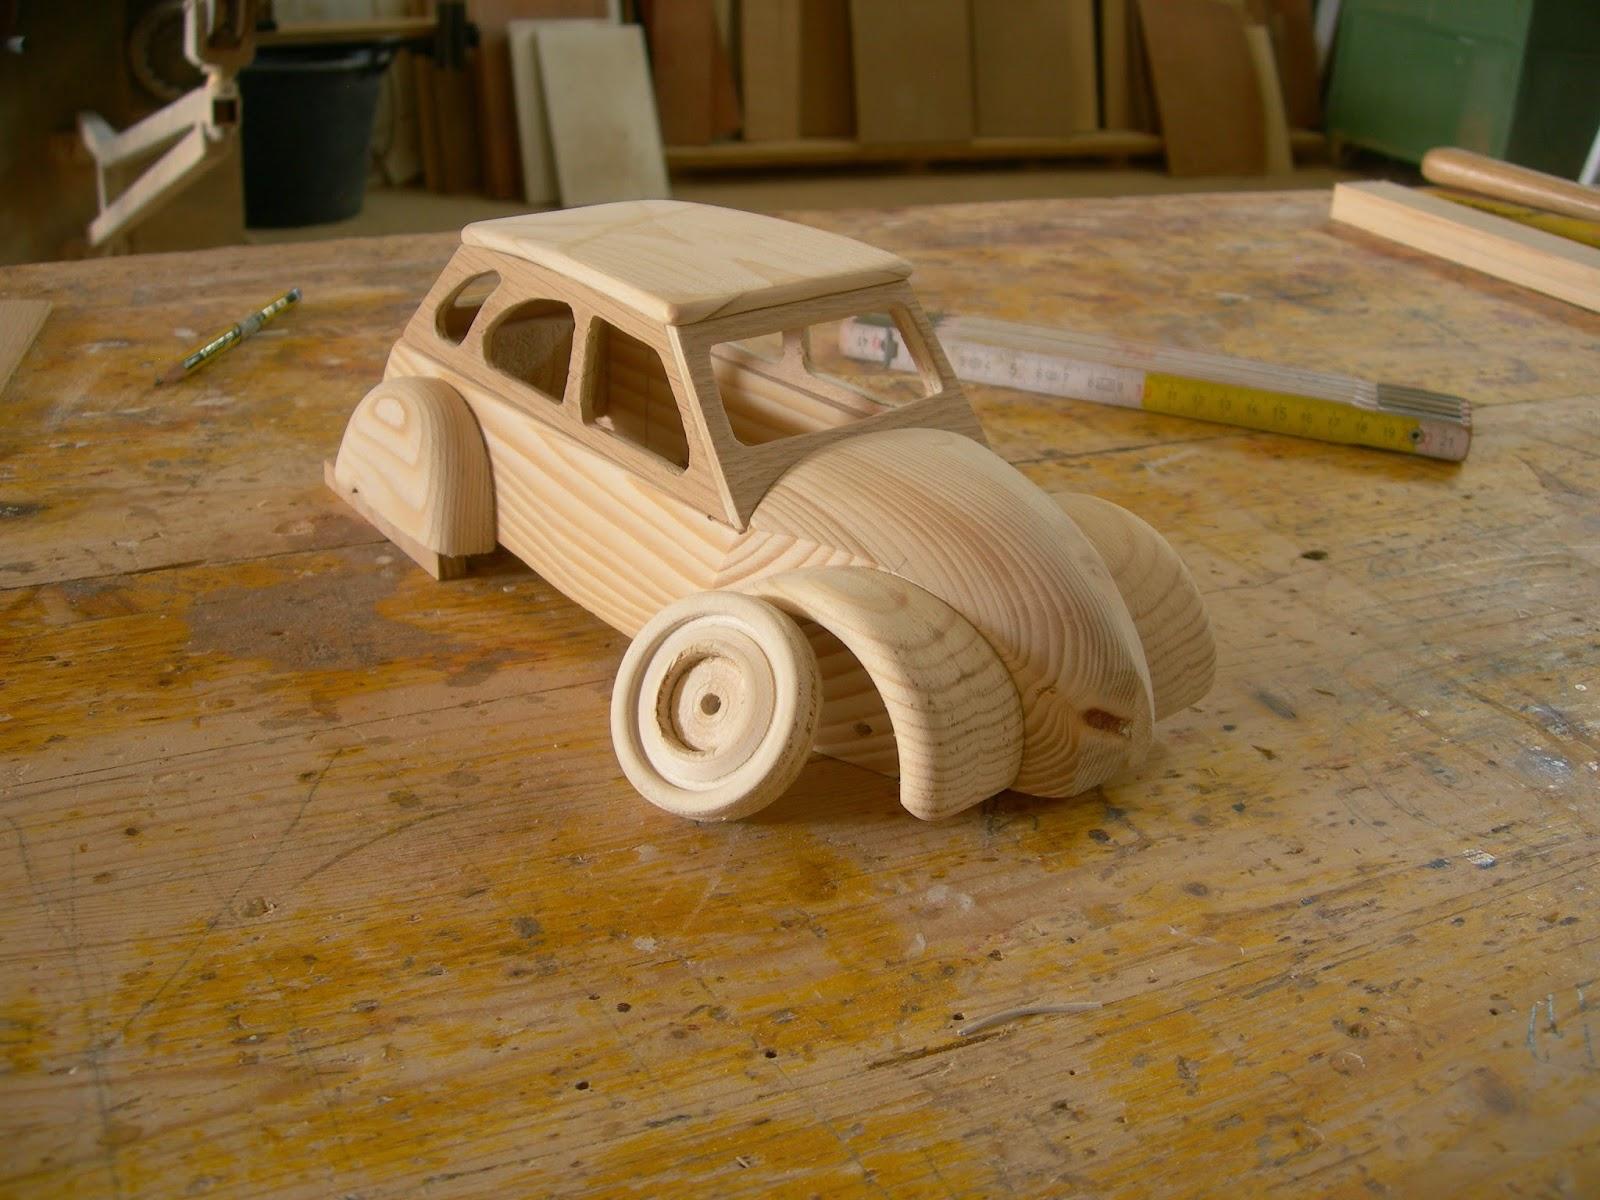 Artigianato fai da te made in italy legno metalli e - Oggetti di design in legno ...